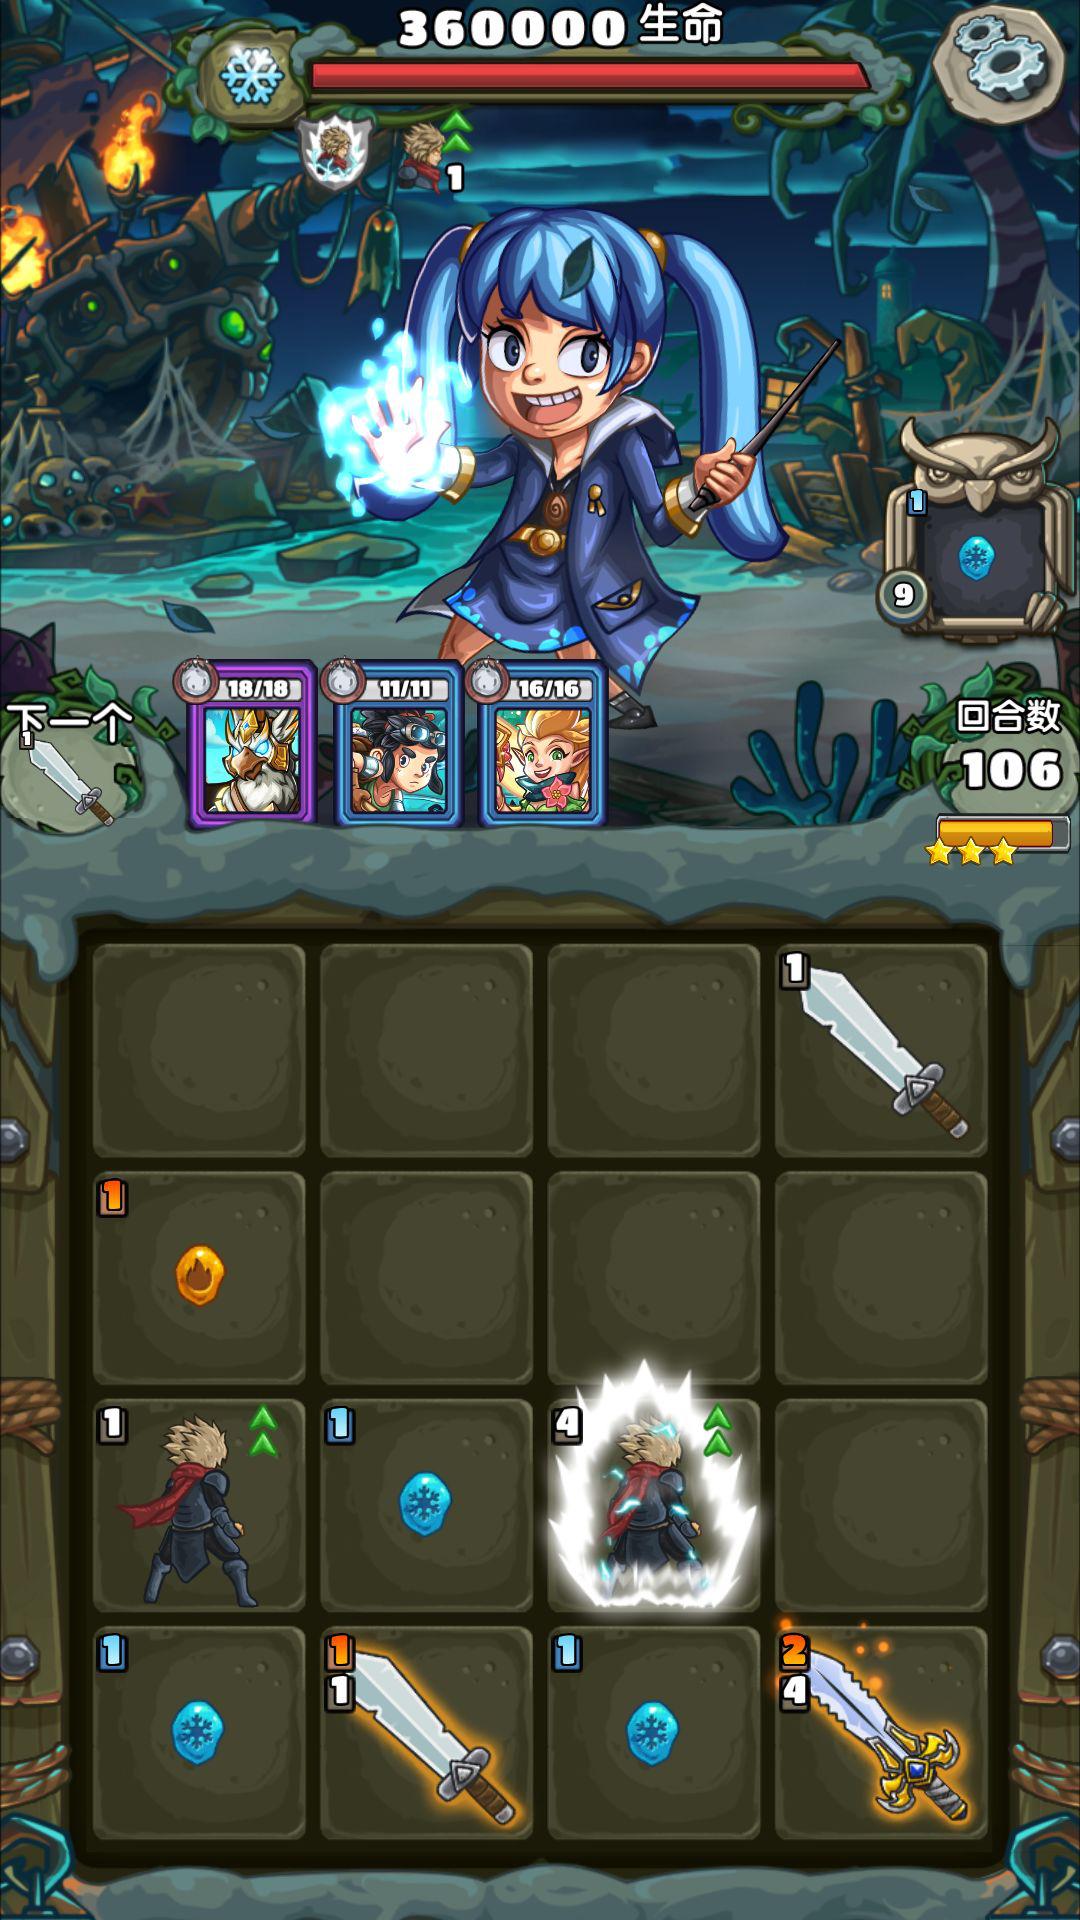 下一把剑狮狼妖卡组攻略 狮狼妖玩法思路详解